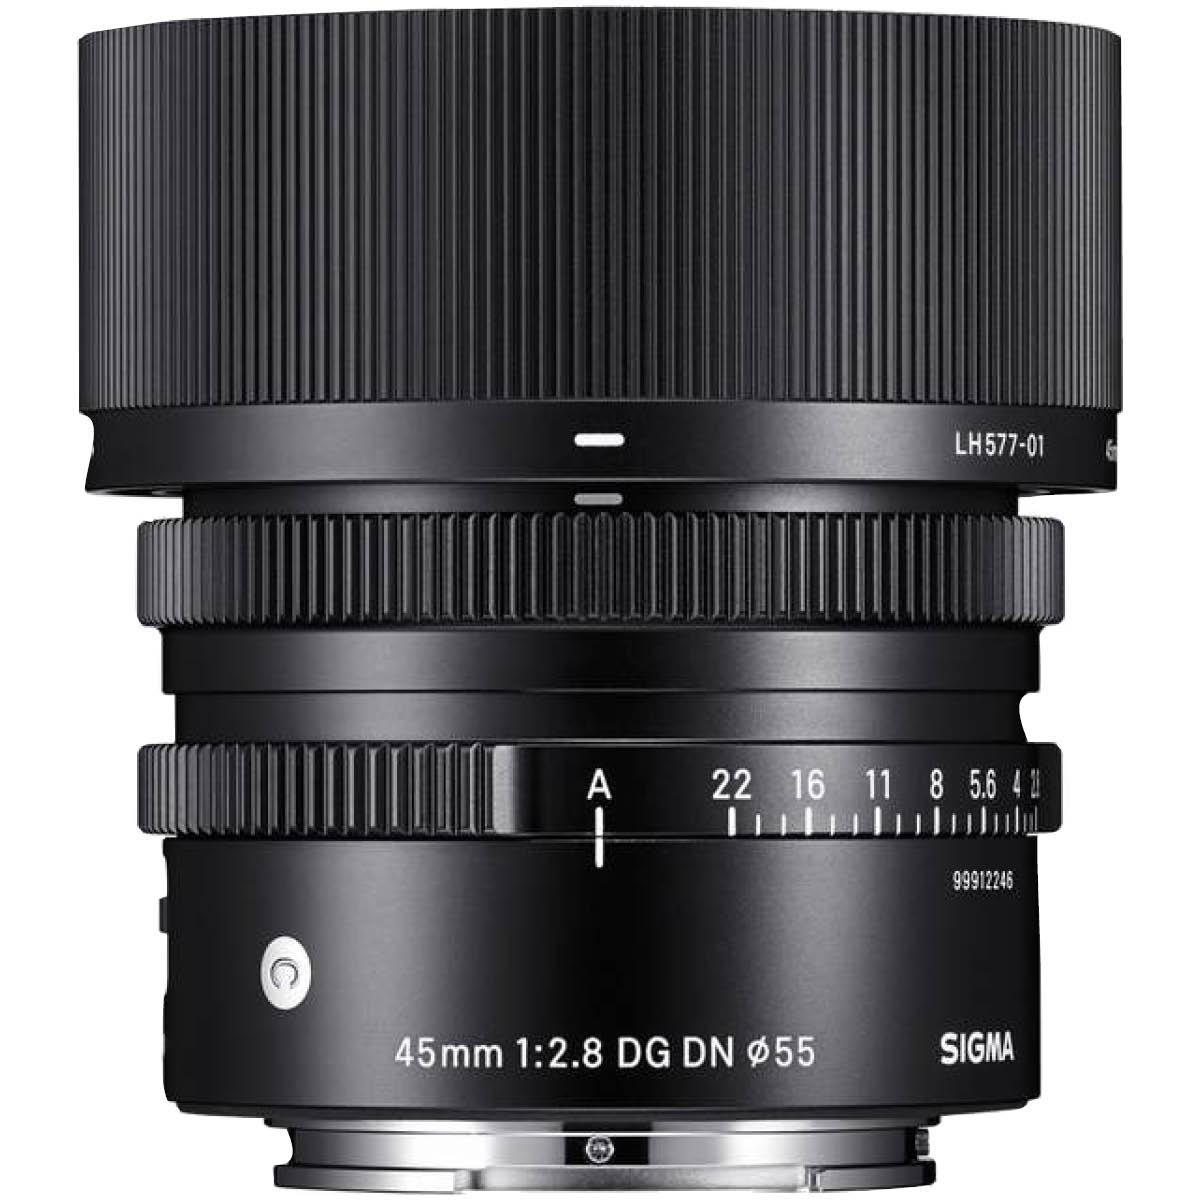 Sigma 45 mm 1:2,8 DG DN (C) FE-Mount